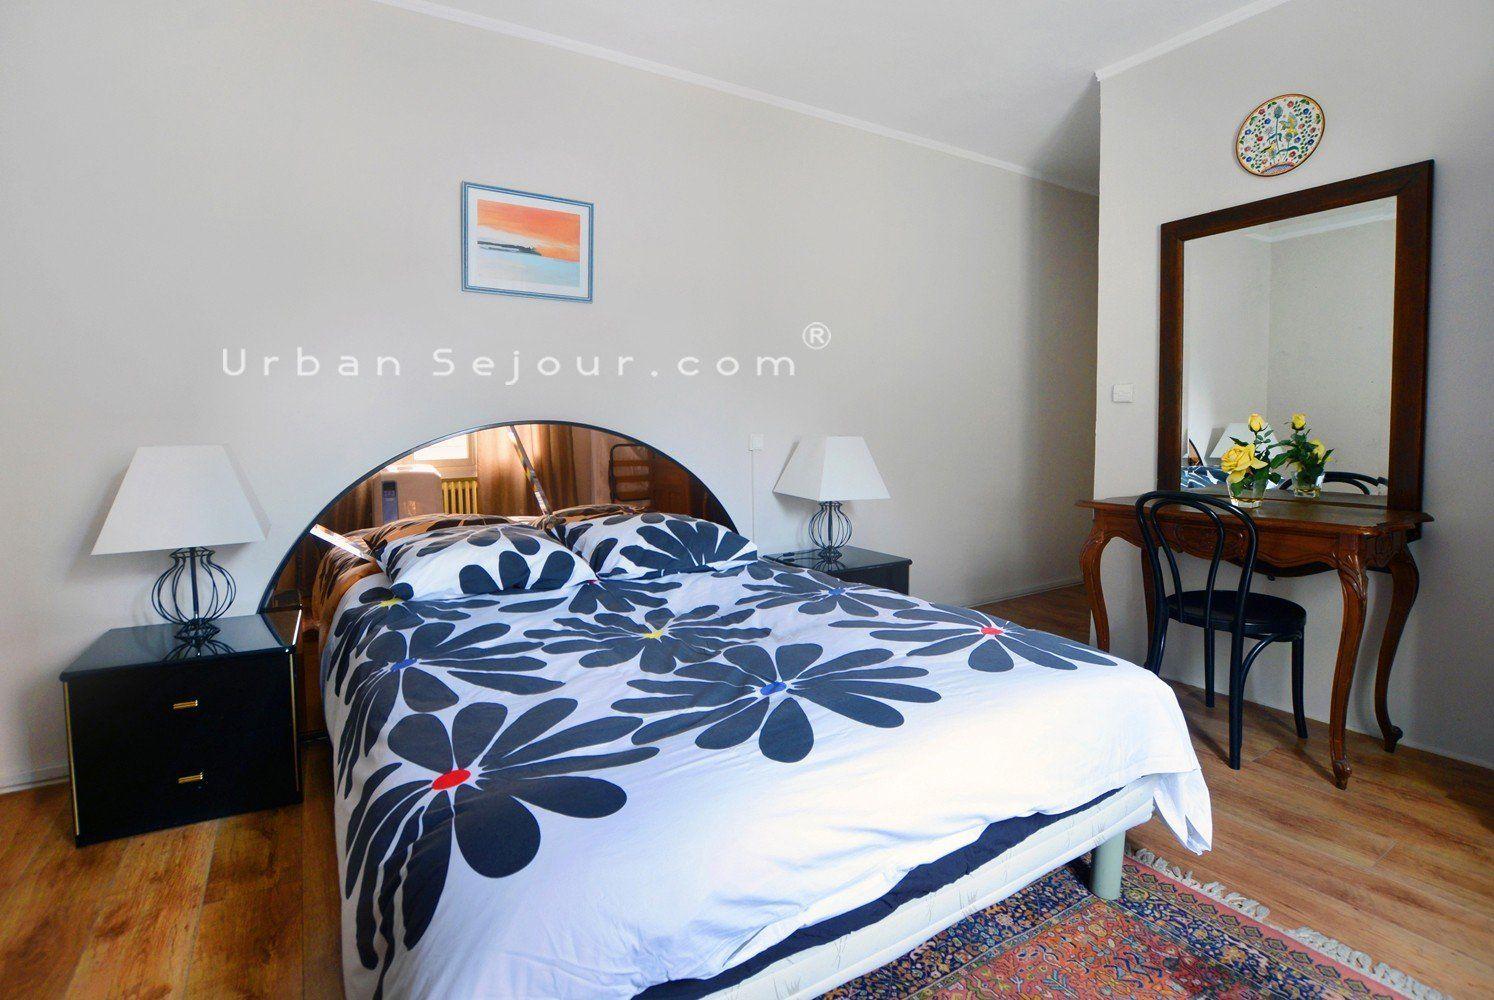 Location appartement avec 3 chambres location saisonni re bron le catalpa maison de ville - Location maison 3 chambres ...